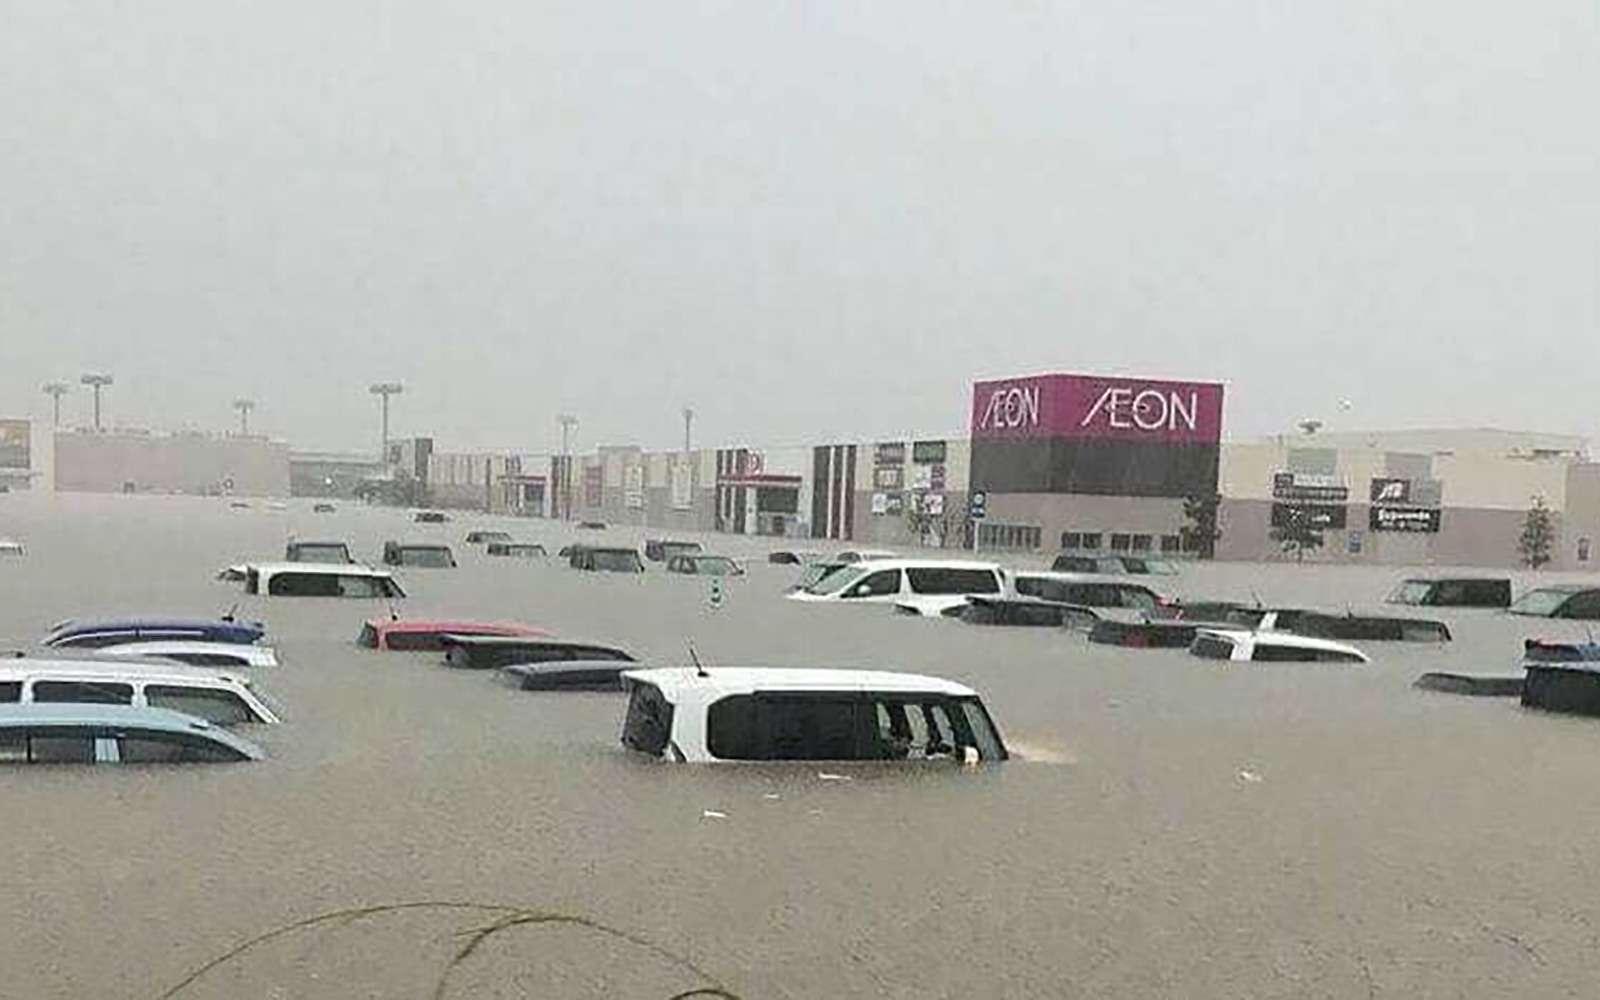 Наводнение вЯпонии: тысячи утопленных машин. Ждем ихвРоссии?— фото 886647